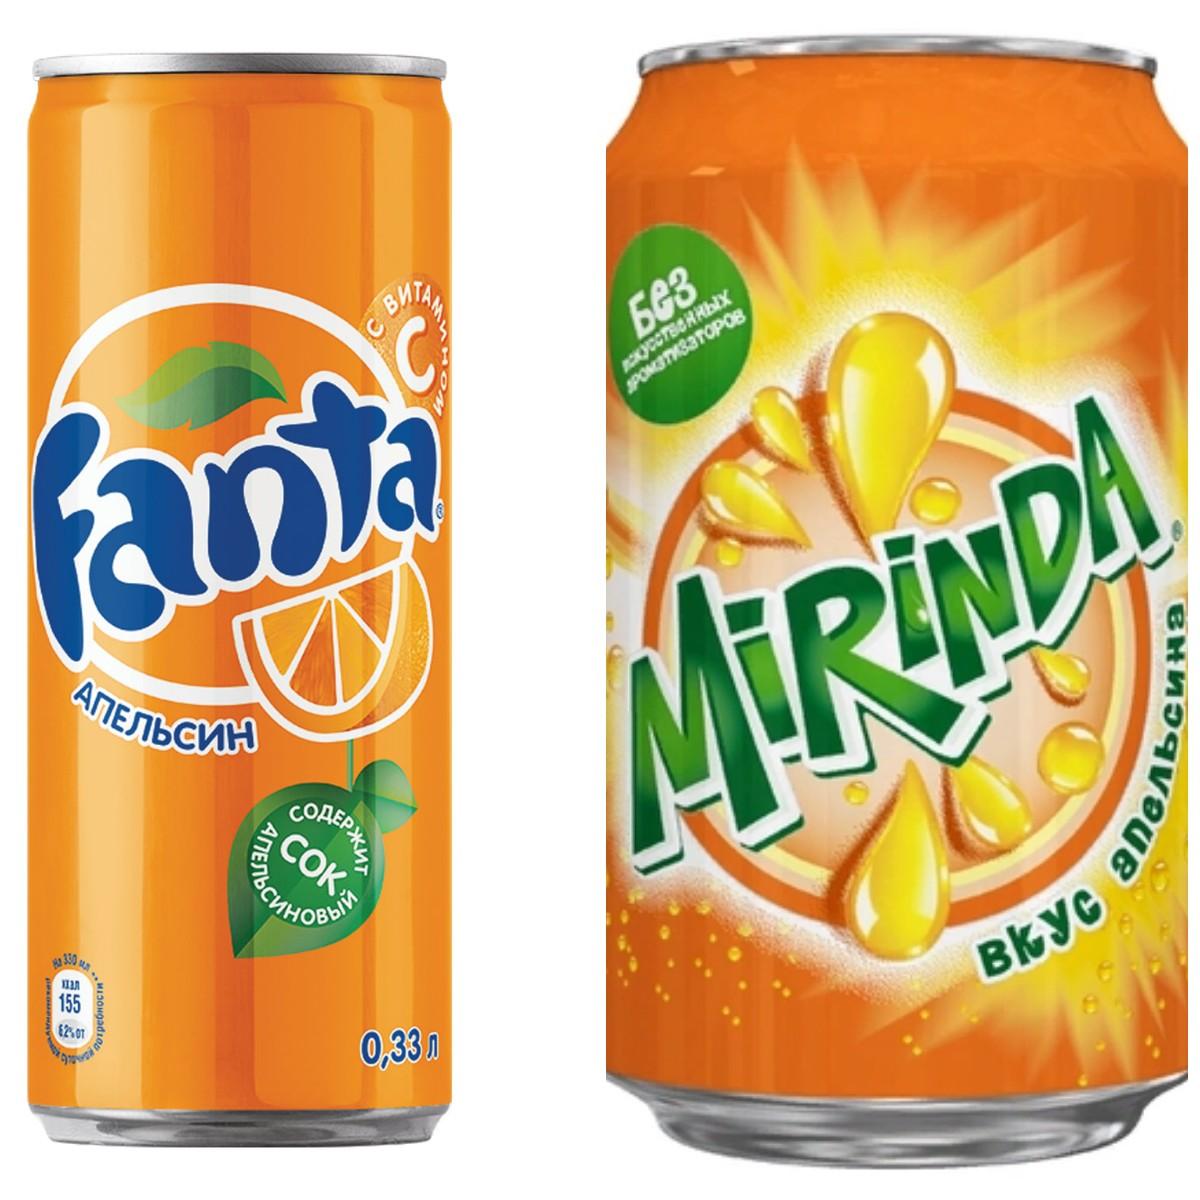 Опрос: Fanta или Mirinda?